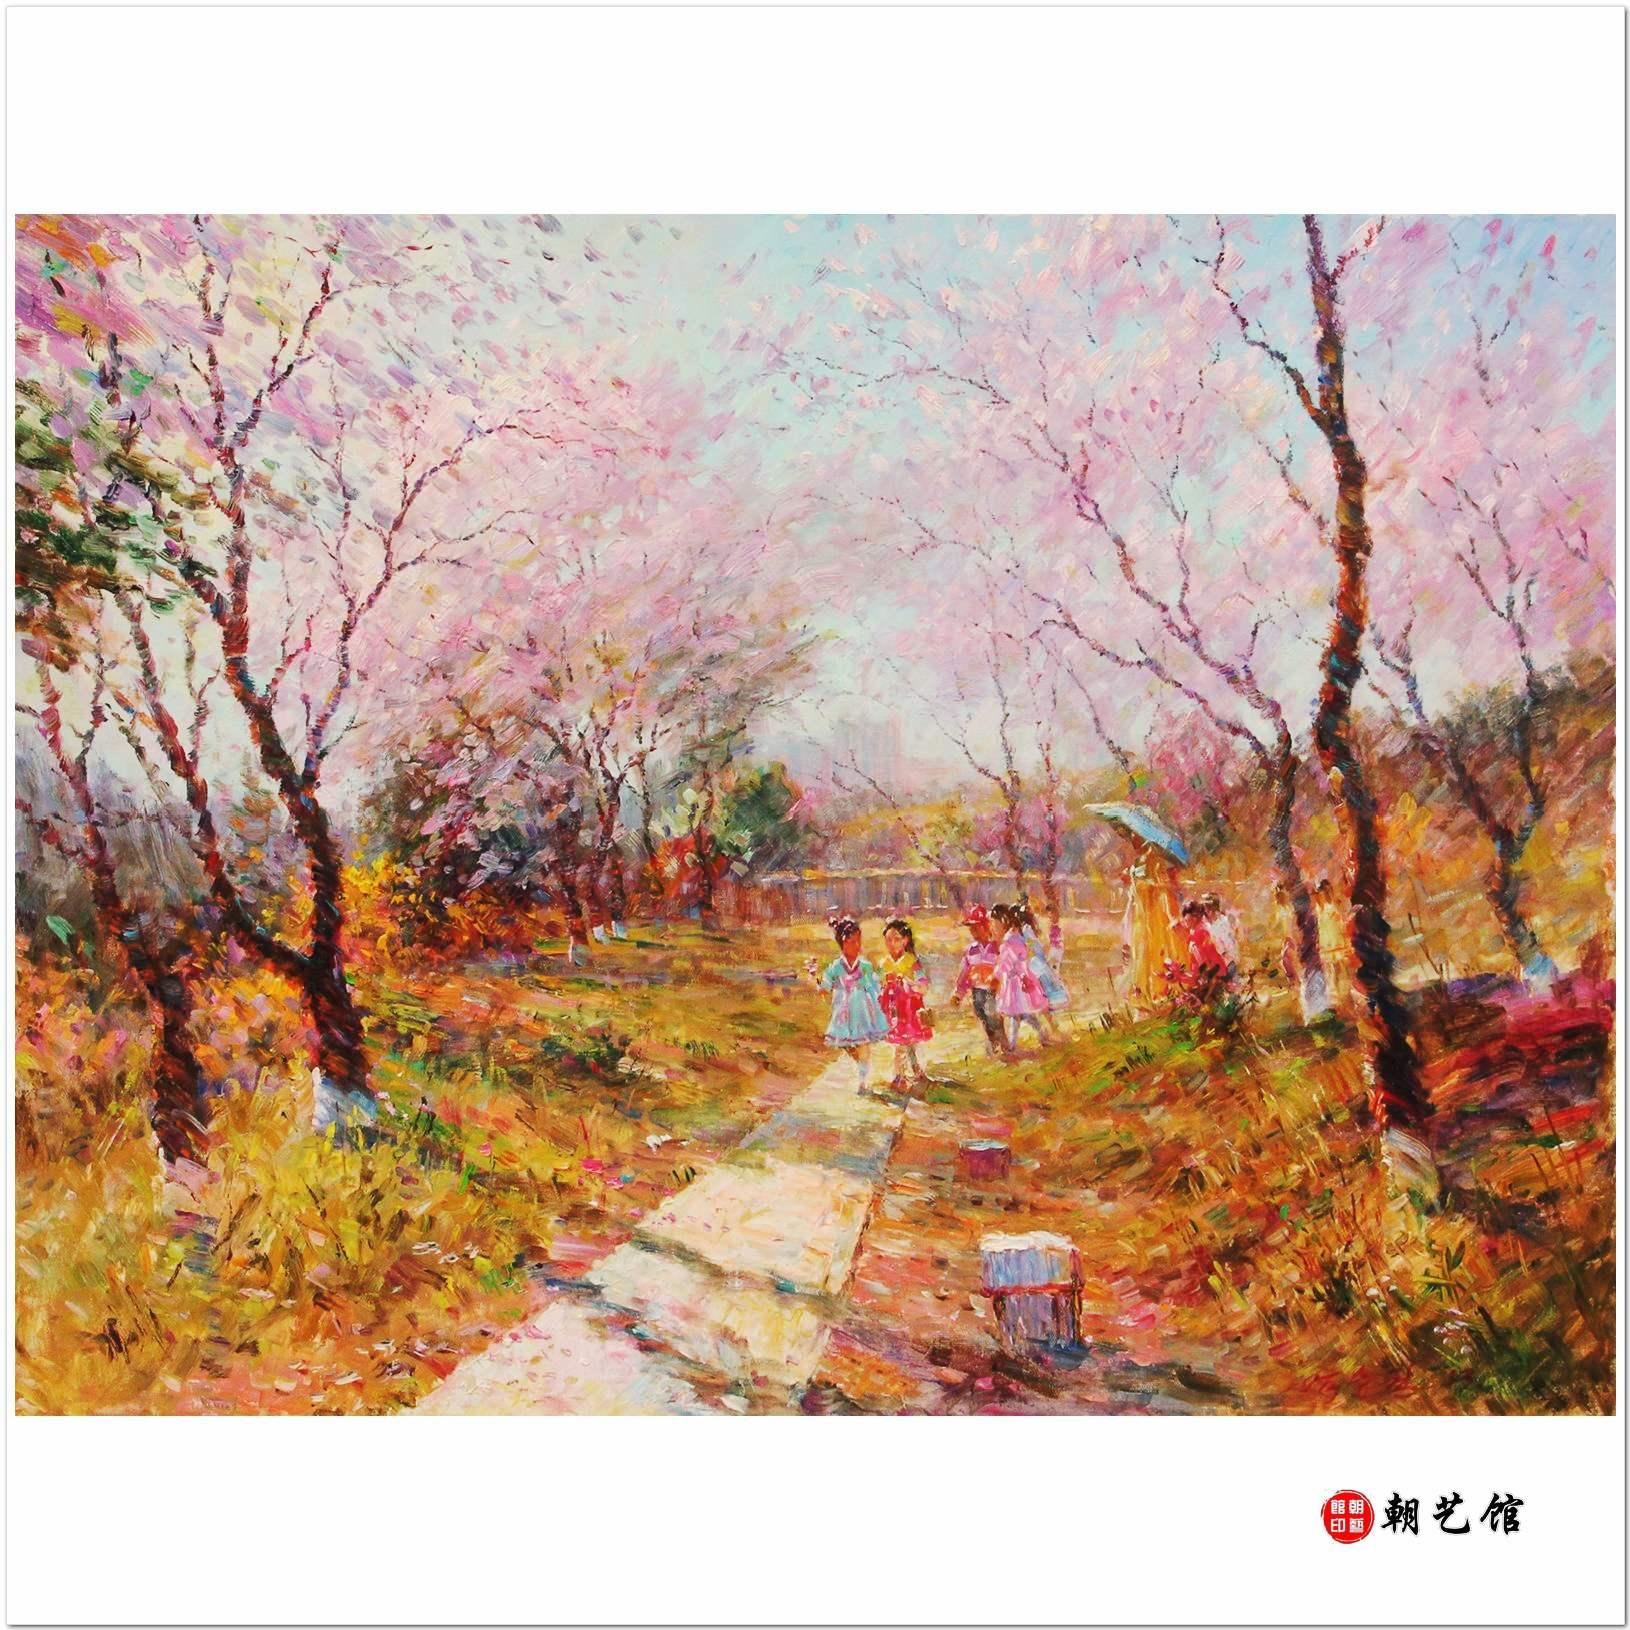 严胜权《春》朝鲜油画风景